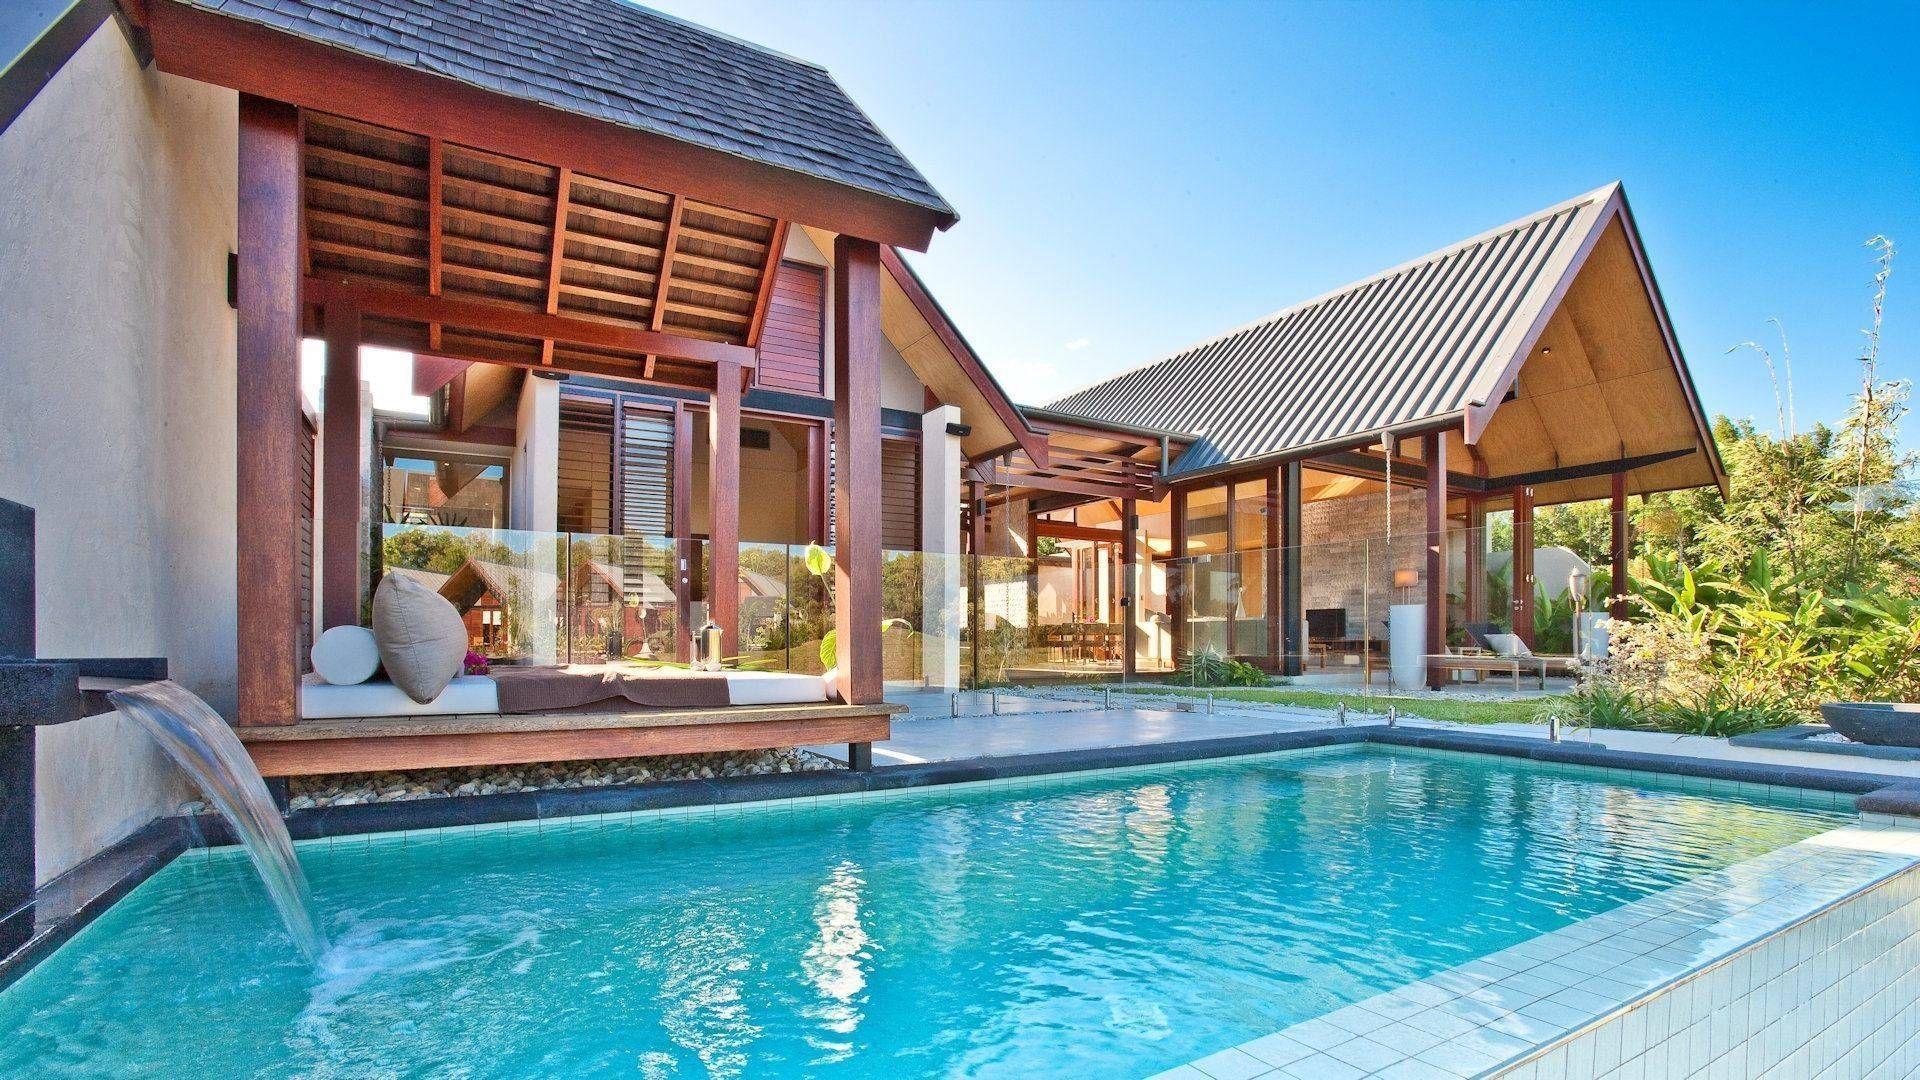 amalé Villa Sundaram in Port Douglas by Beach houses